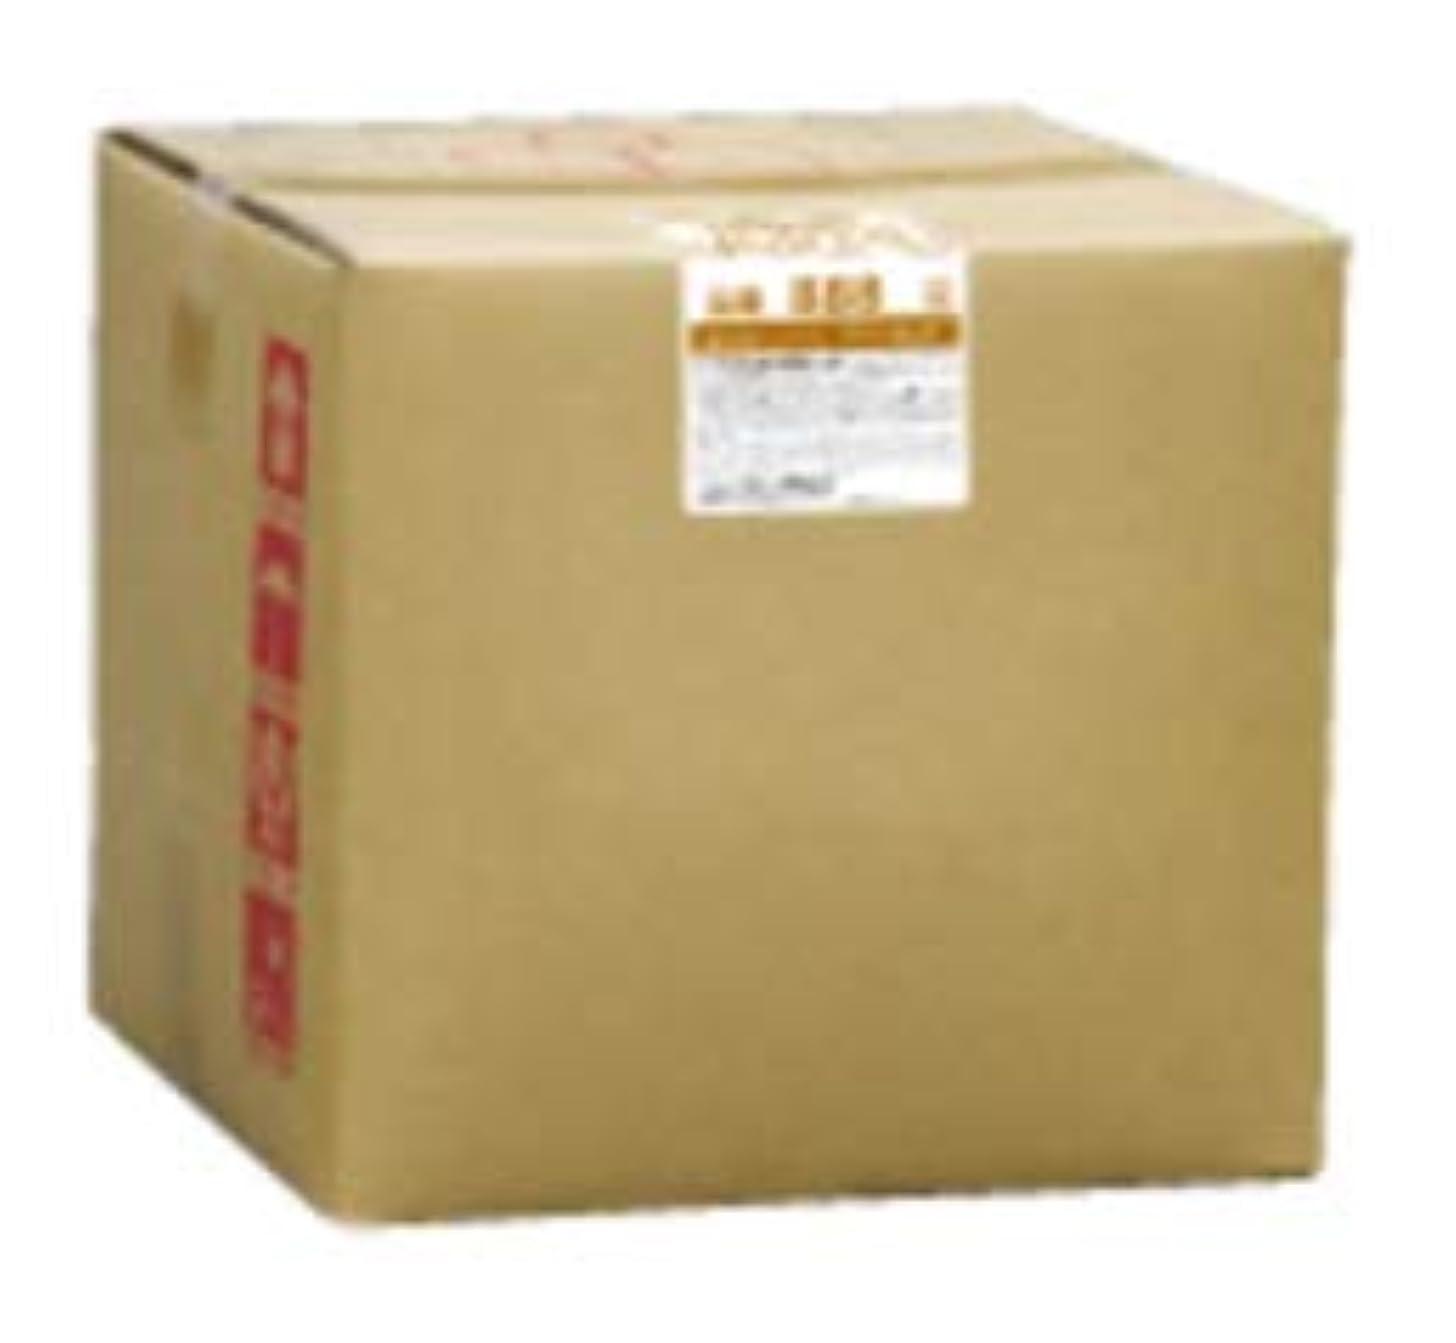 つぼみ神経鋭くフタバ化学 スパジアス コンディショナー 18L 詰め替え 800ml専用空容器付 黒糖と蜂蜜